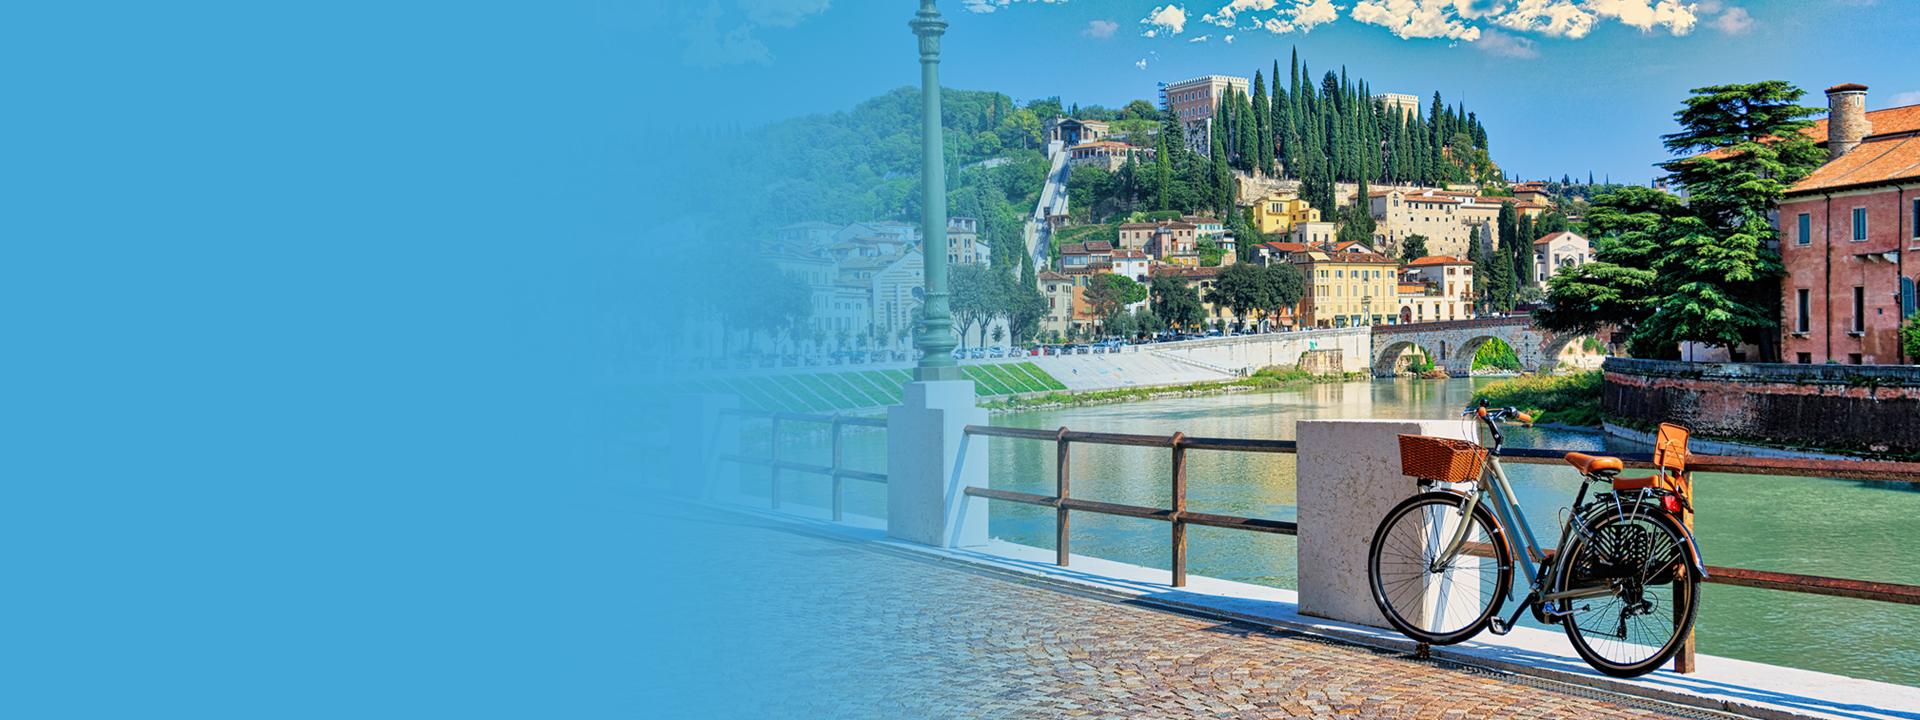 Image of Verona, Italy